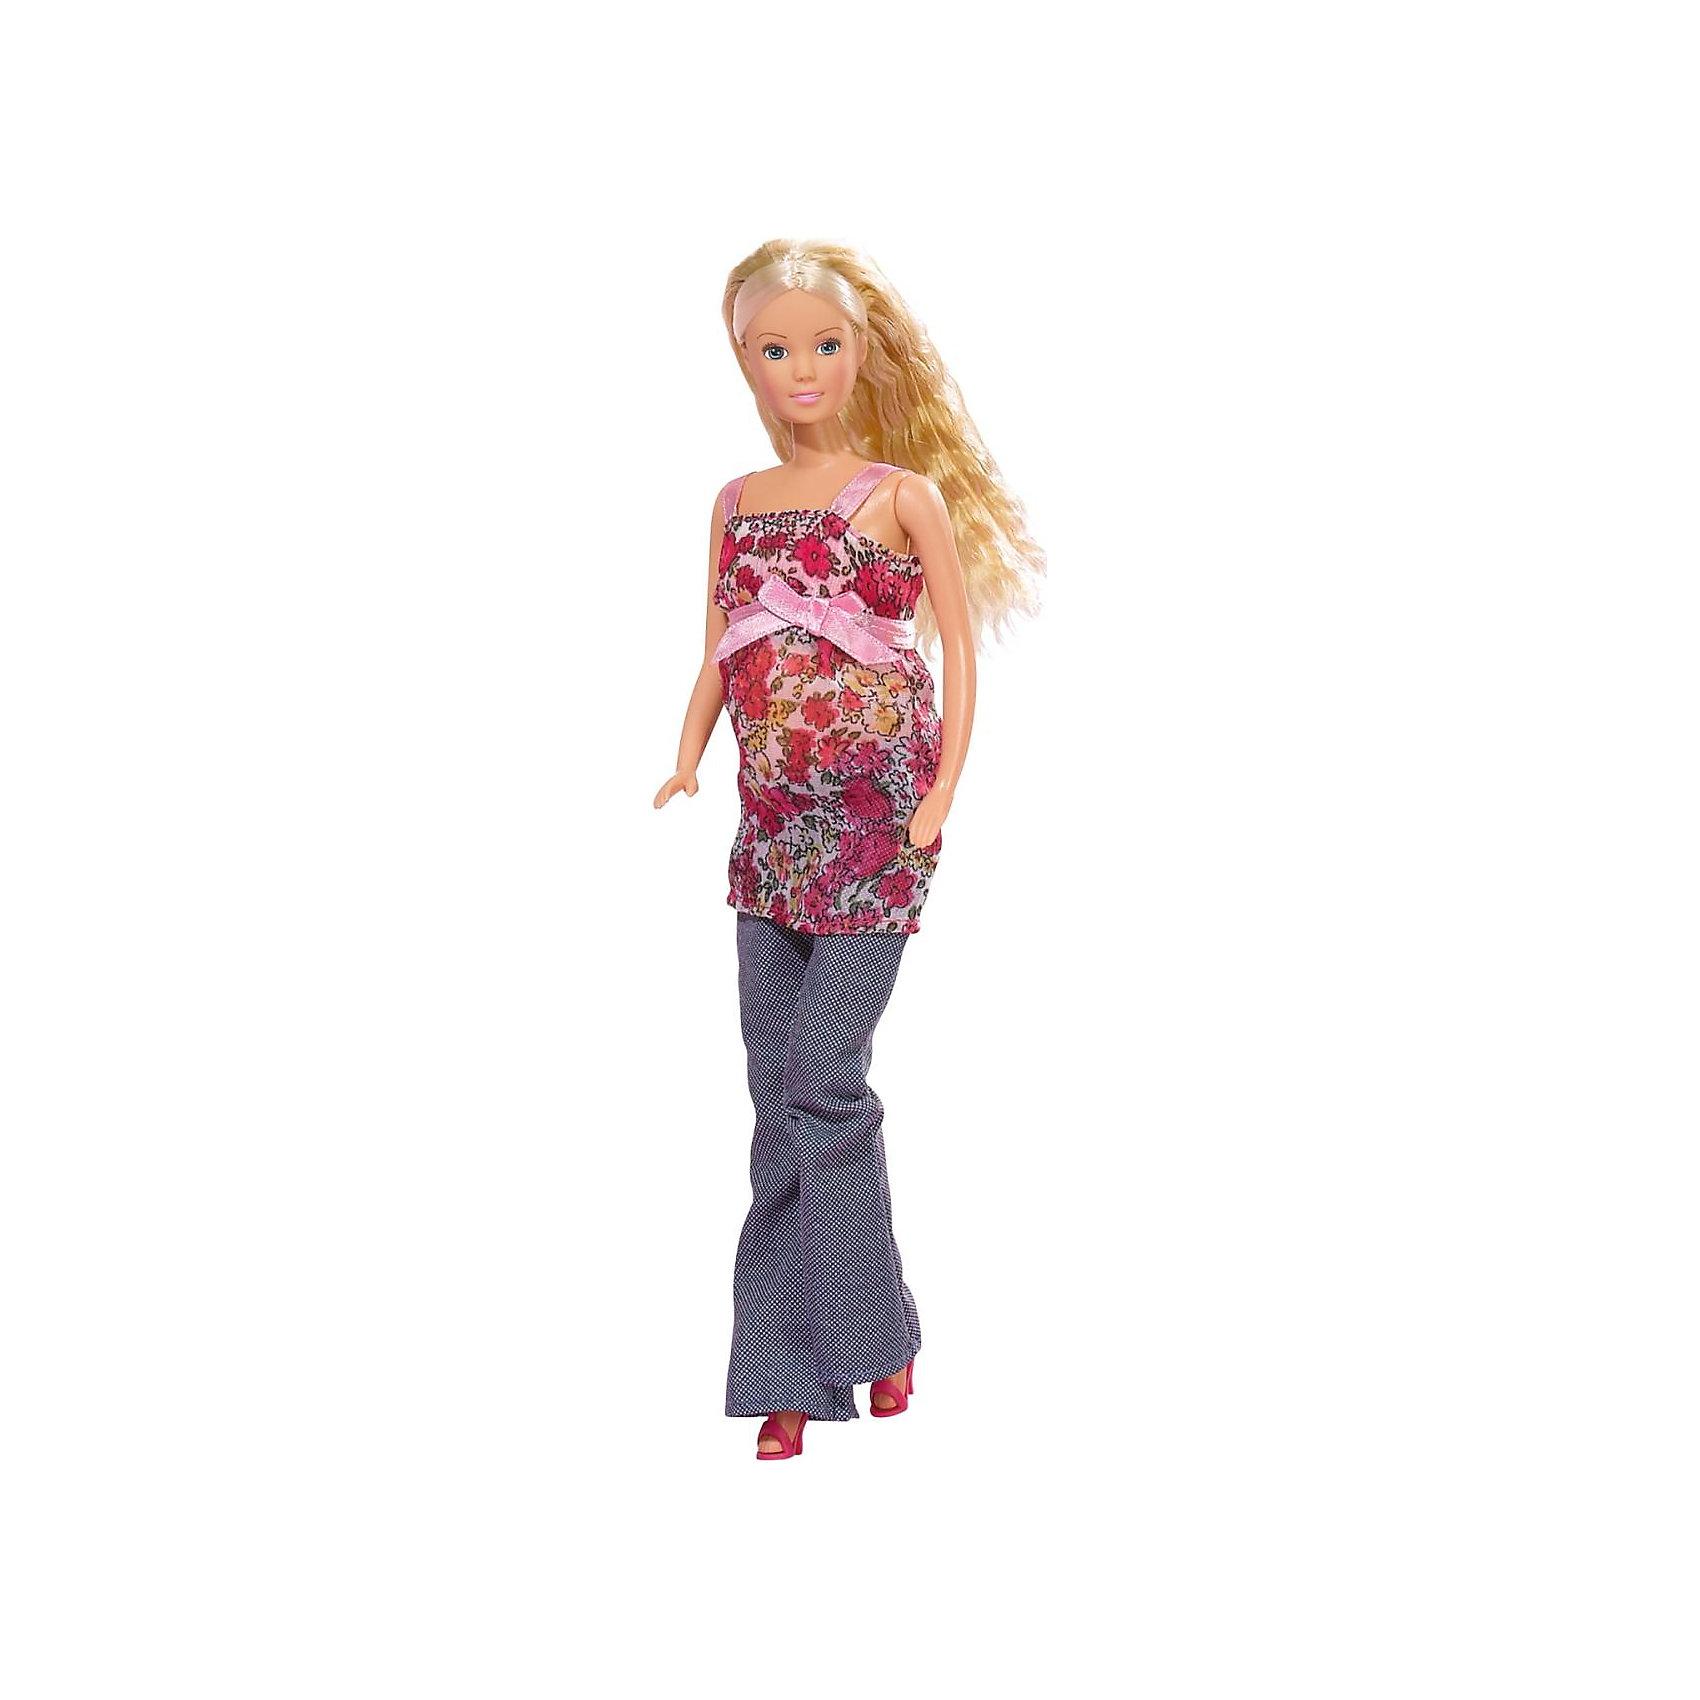 Набор Штеффи беременная, Steffi LoveБеременные куклы<br>Кукла Штеффи беременная. Младенец достается из живота. В комплект входят 13 аксессуаров для ухода за малышом.<br><br>Ширина мм: 331<br>Глубина мм: 124<br>Высота мм: 60<br>Вес г: 218<br>Возраст от месяцев: 36<br>Возраст до месяцев: 72<br>Пол: Женский<br>Возраст: Детский<br>SKU: 1904753